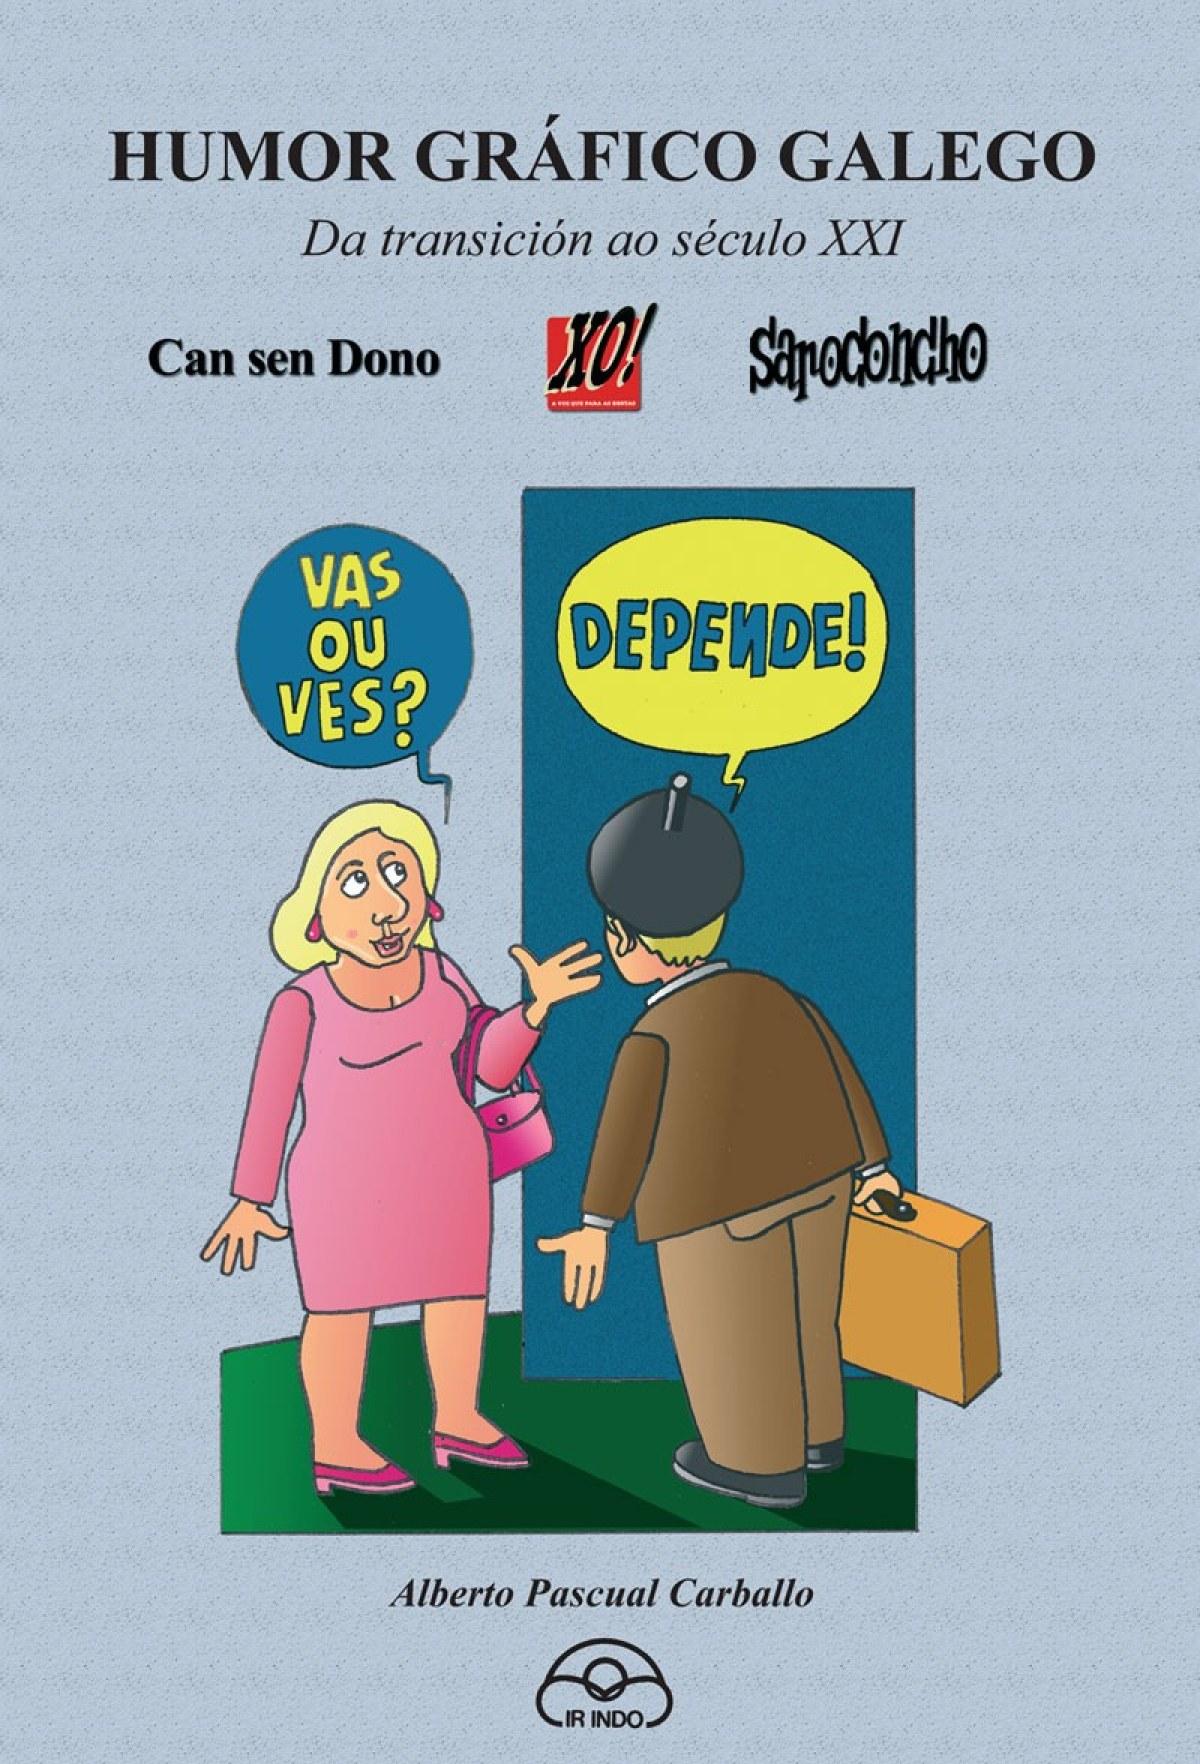 (g).humor grafico galego.da transicion ao seculo xxi 9788476806487